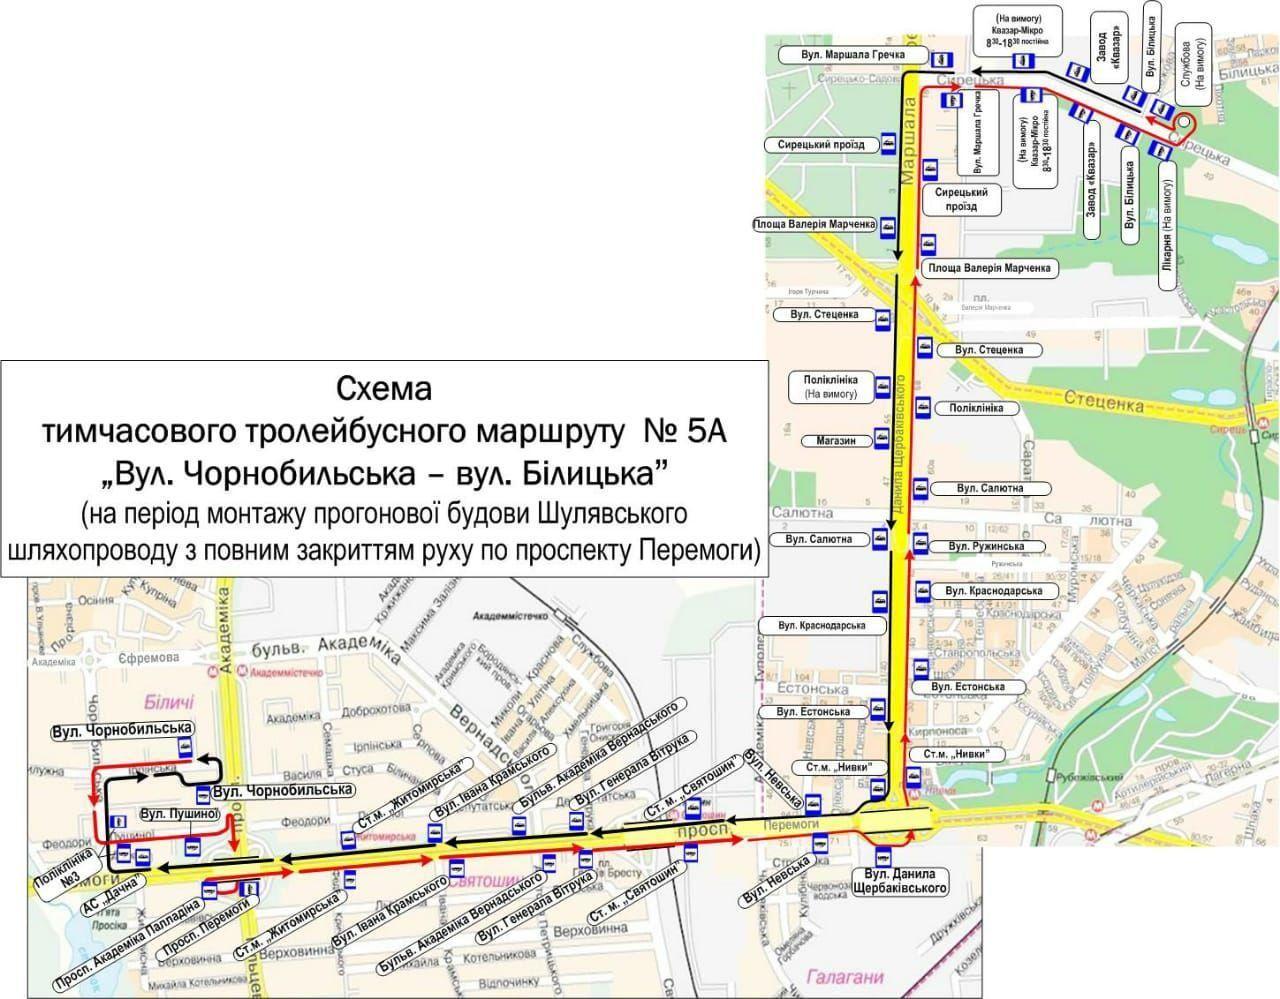 схема зміни руху транспорту на Шулявці_1